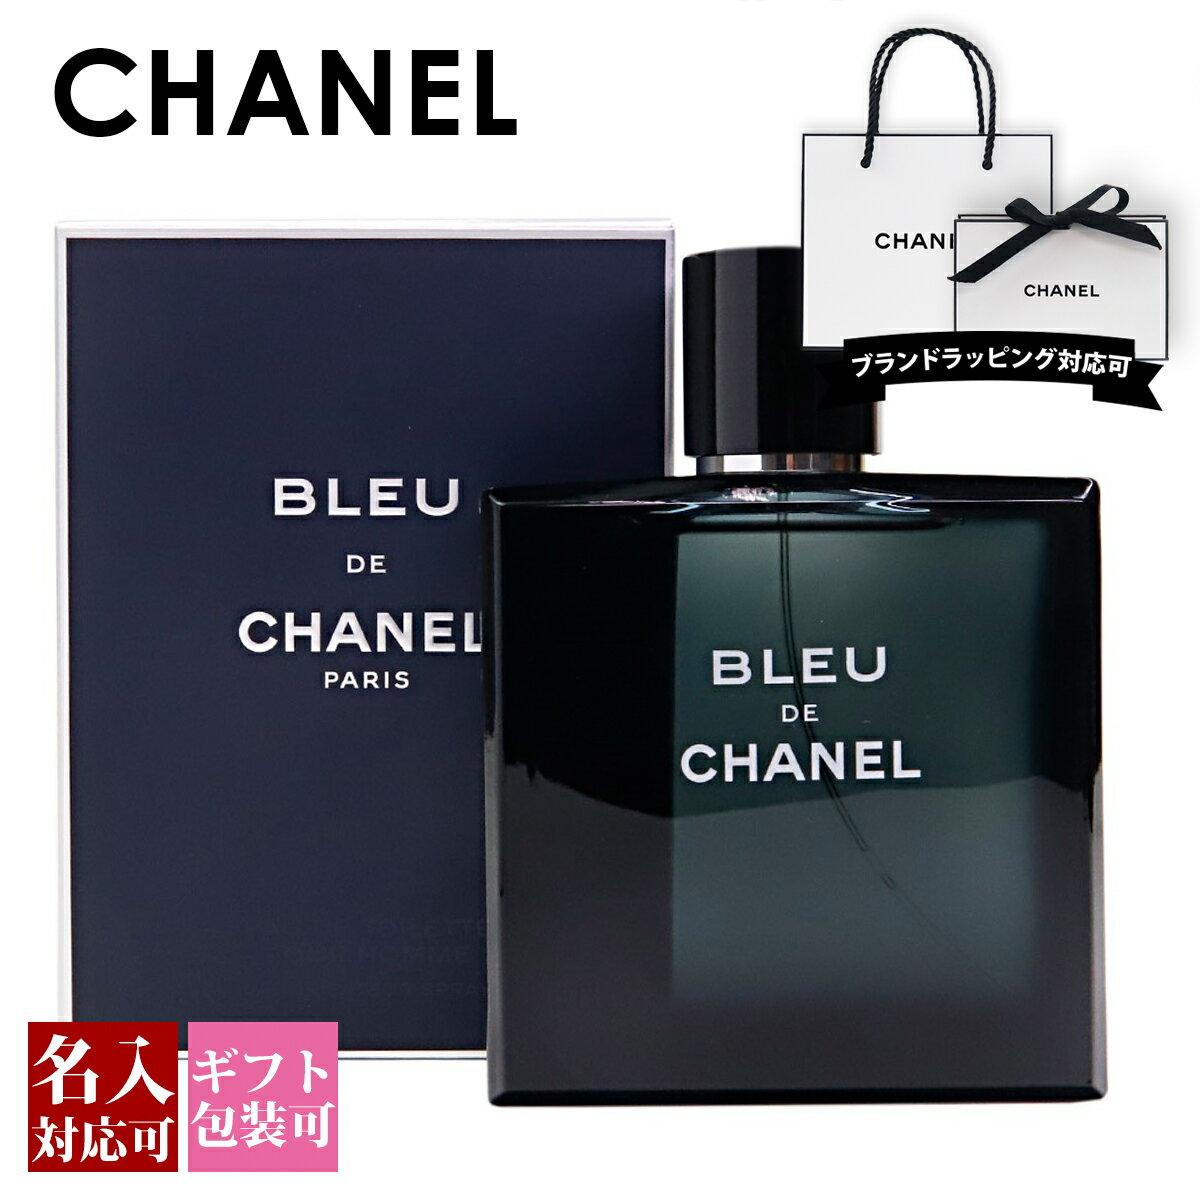 シャネル chanel 名入れ 香水 メンズ レディース 男性用 ブルー ドゥ シャネル ブルードゥシャネル EDT 100ml 正規品 セール 送料無料 ブランド 新品 新作 2018年